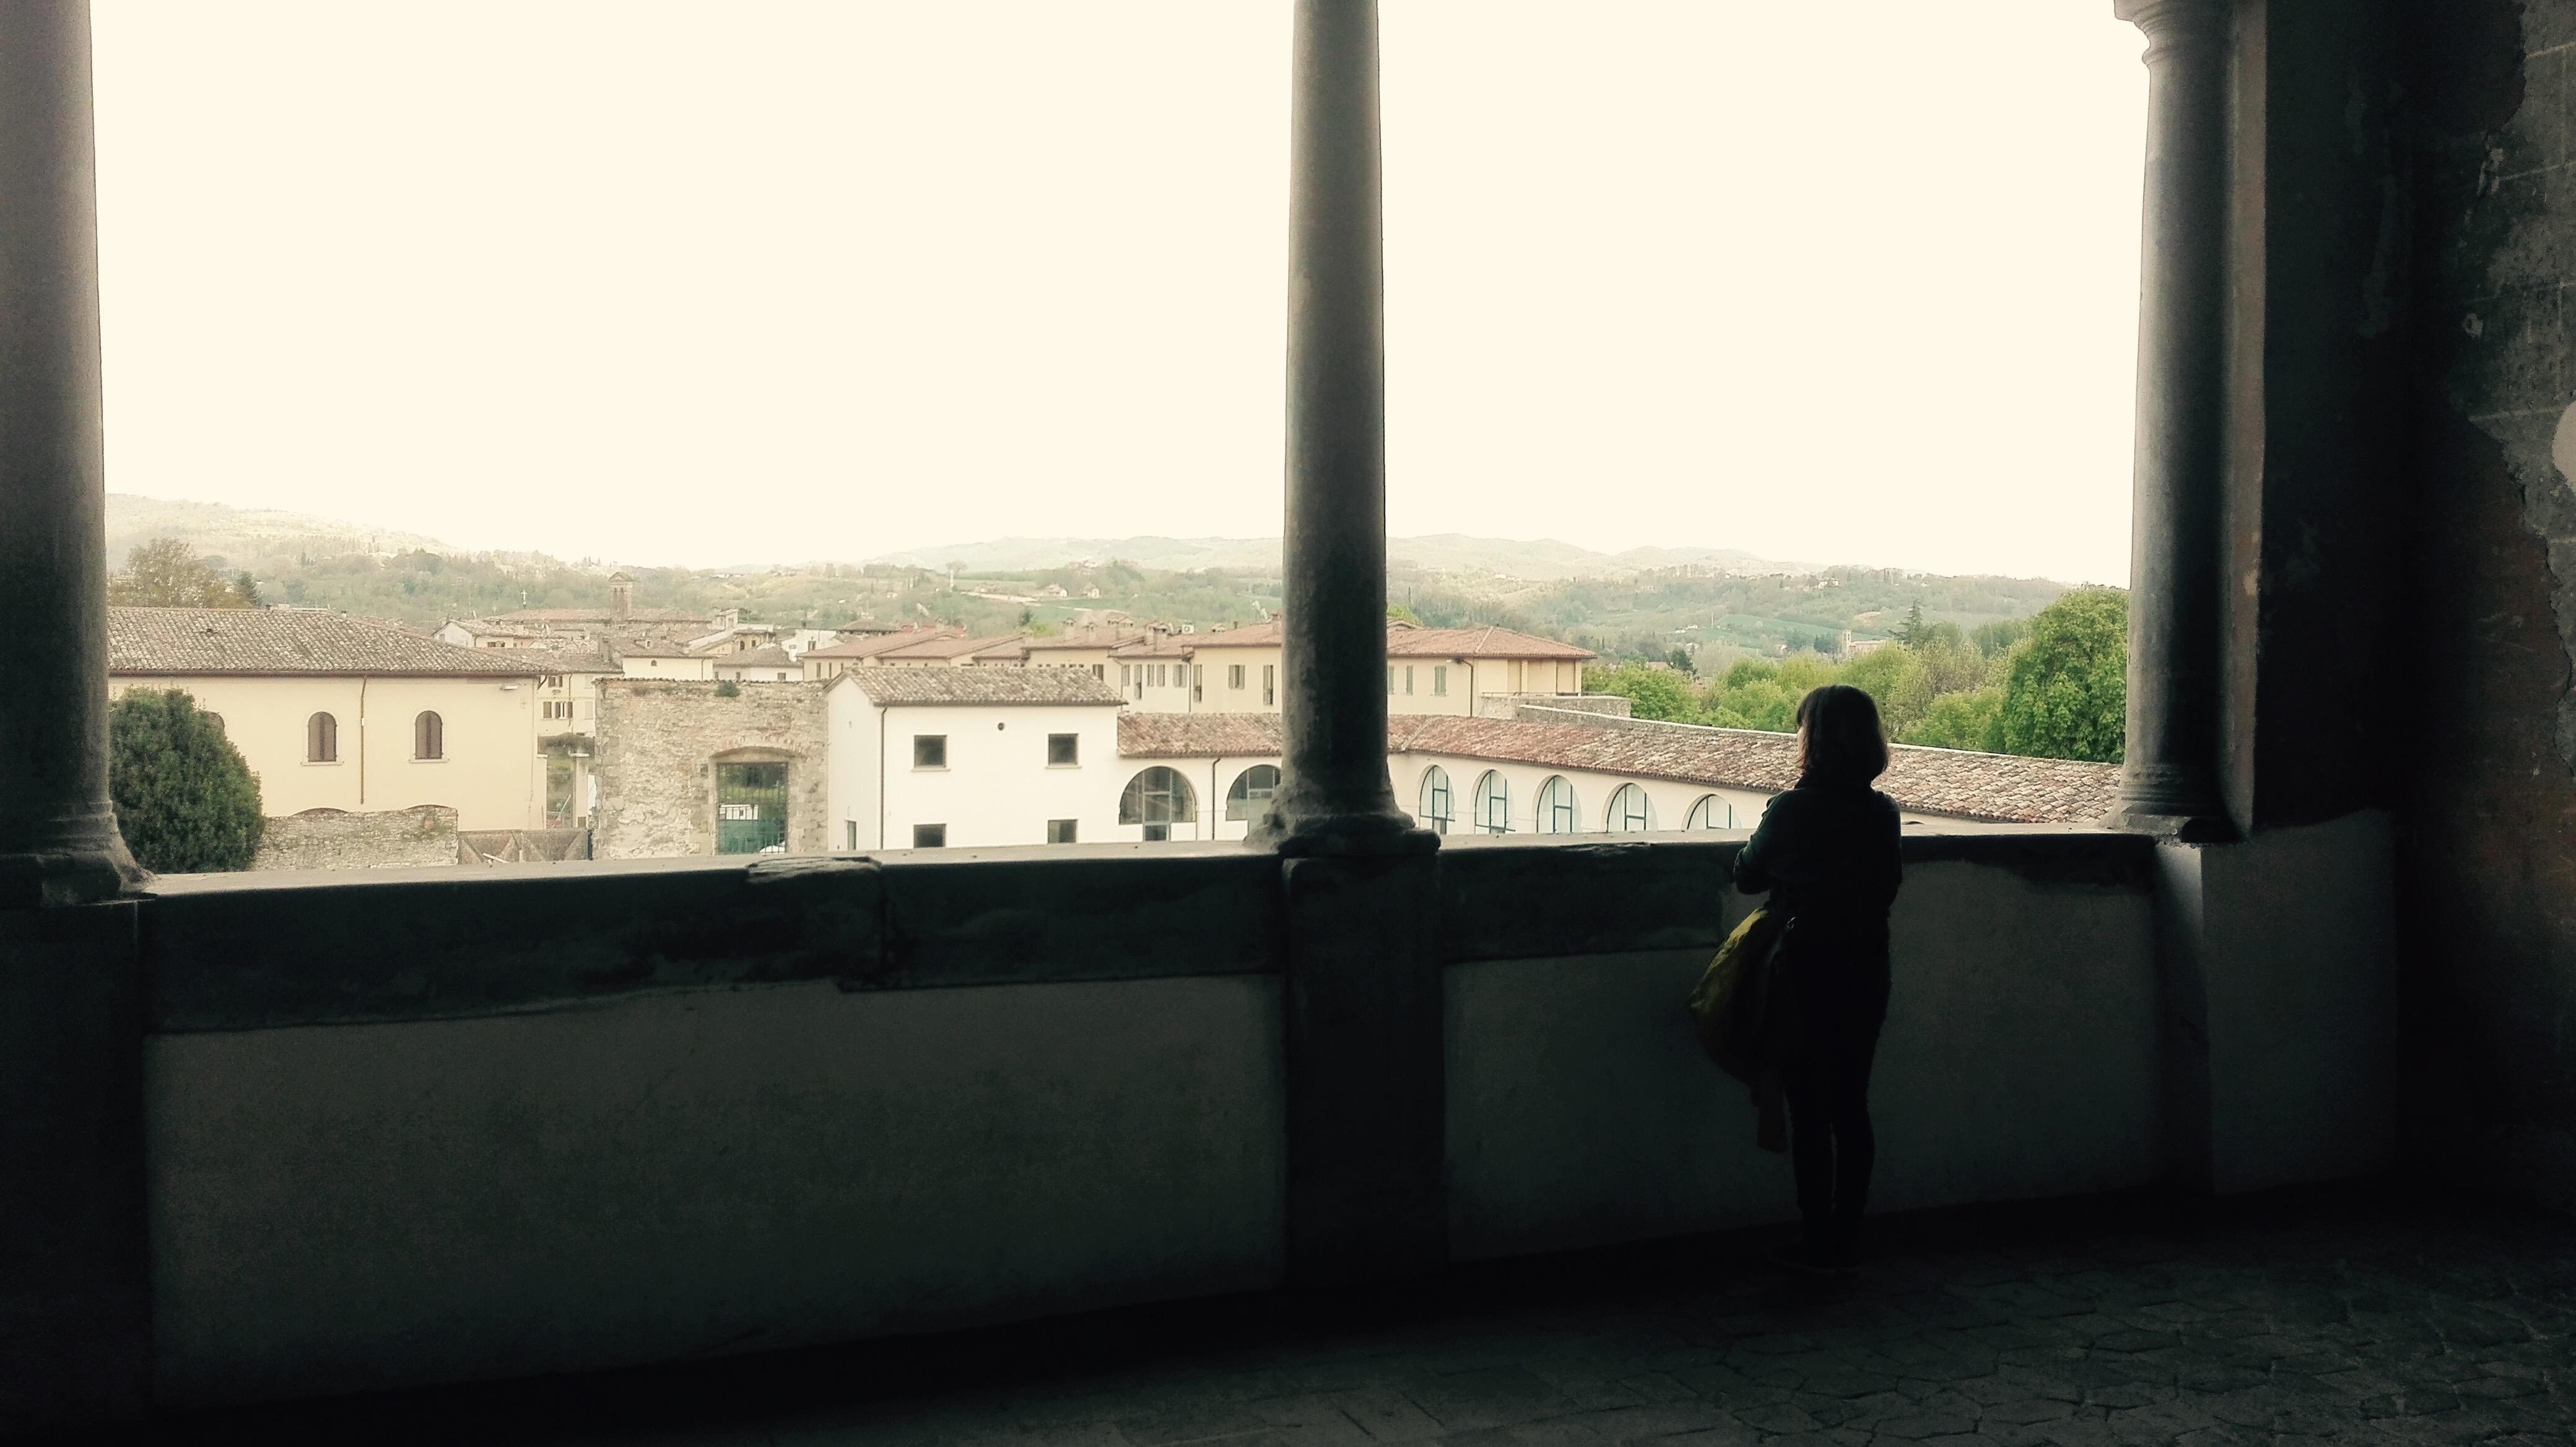 L'impronta del Rinascimento a Città di Castello. Palazzo Vitelli alla Cannoniera